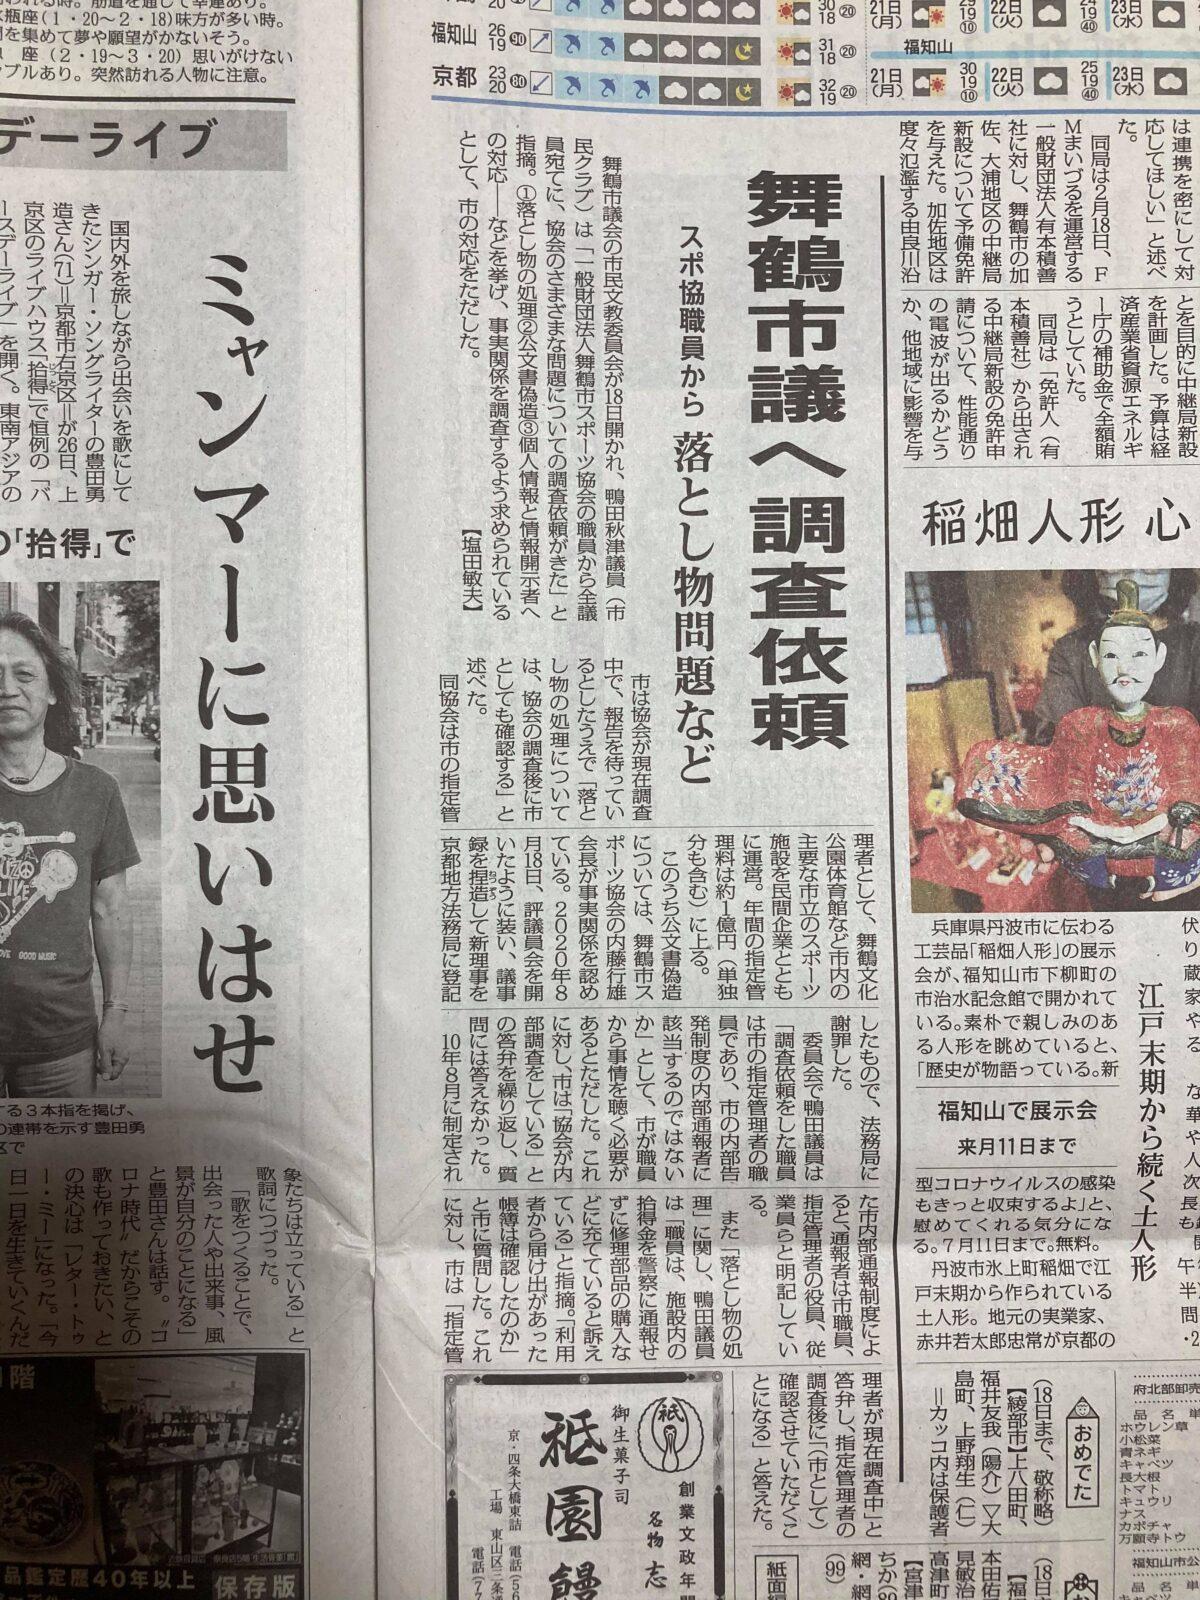 舞鶴スポーツ協会に関する新聞報道まとめ